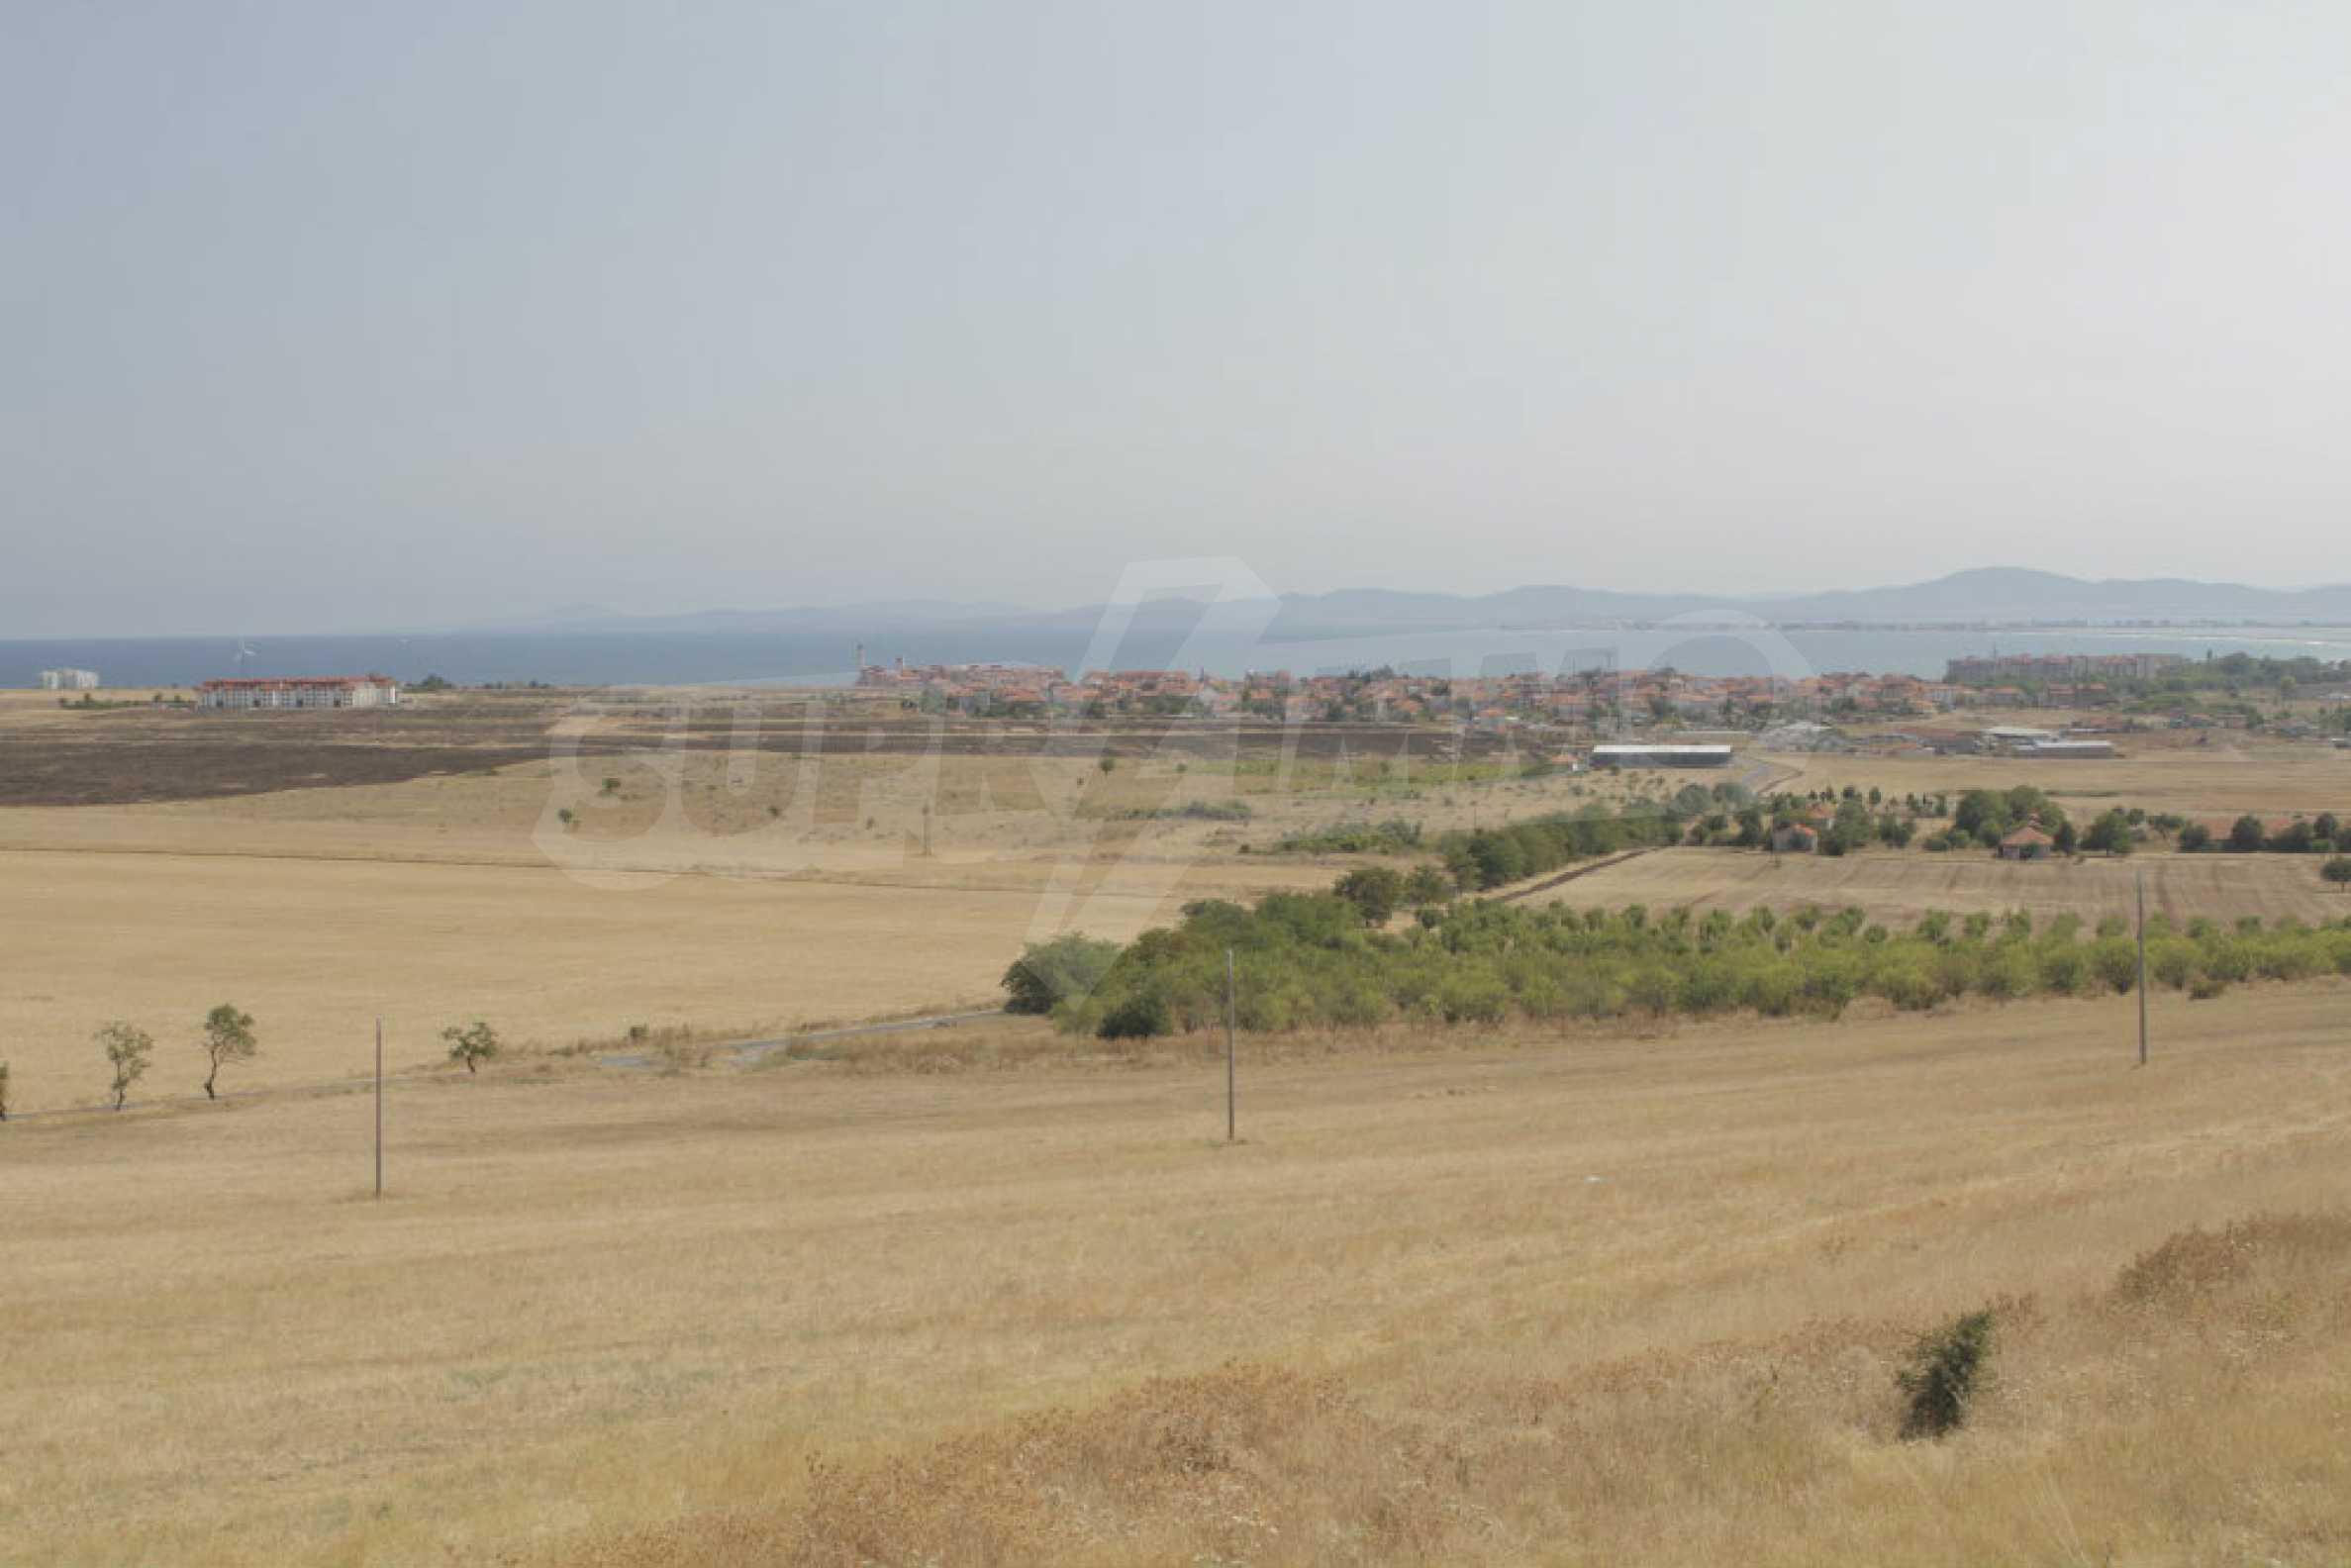 Attraktives Grundstück für Investieren in der Nähe des historischen Komplexes Aheloy 917 und Sonnenstrand, bei Tankowo und Aheloy 7